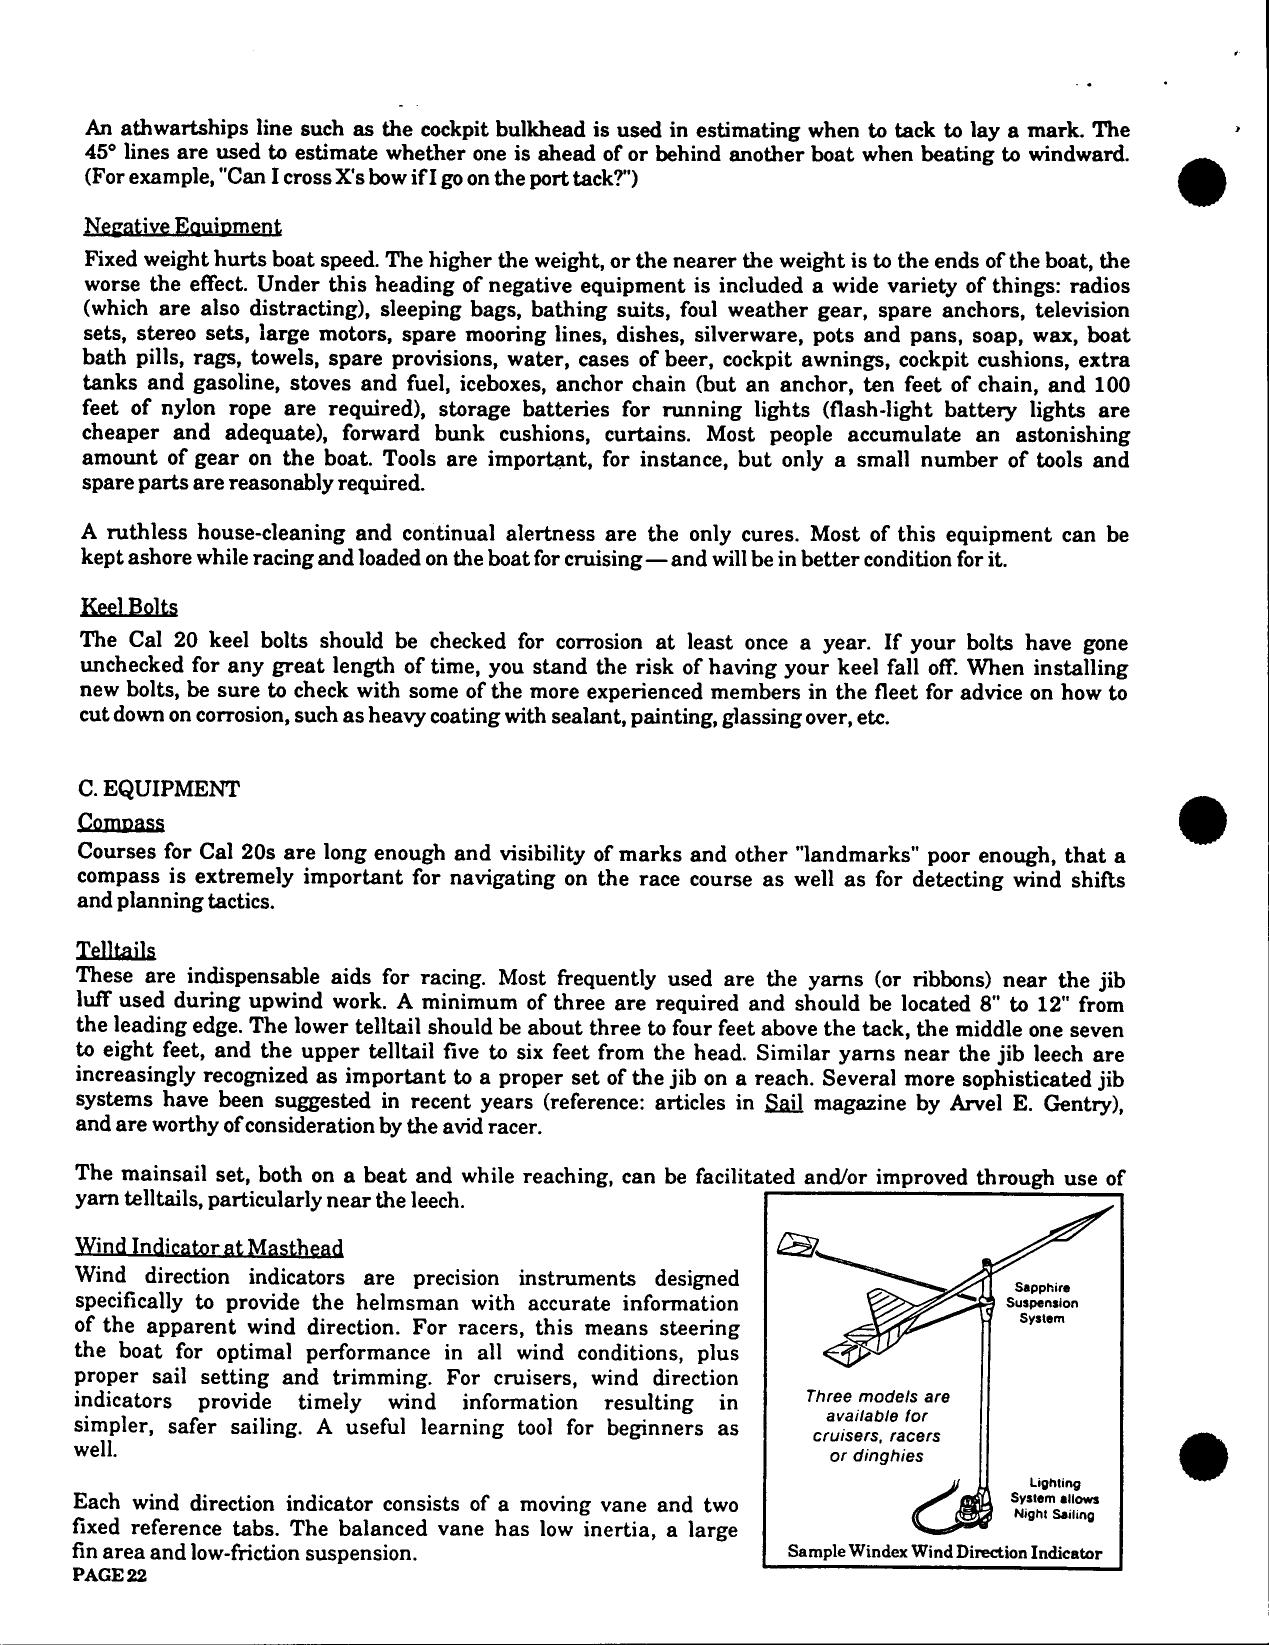 Cal 20 Owners Manual